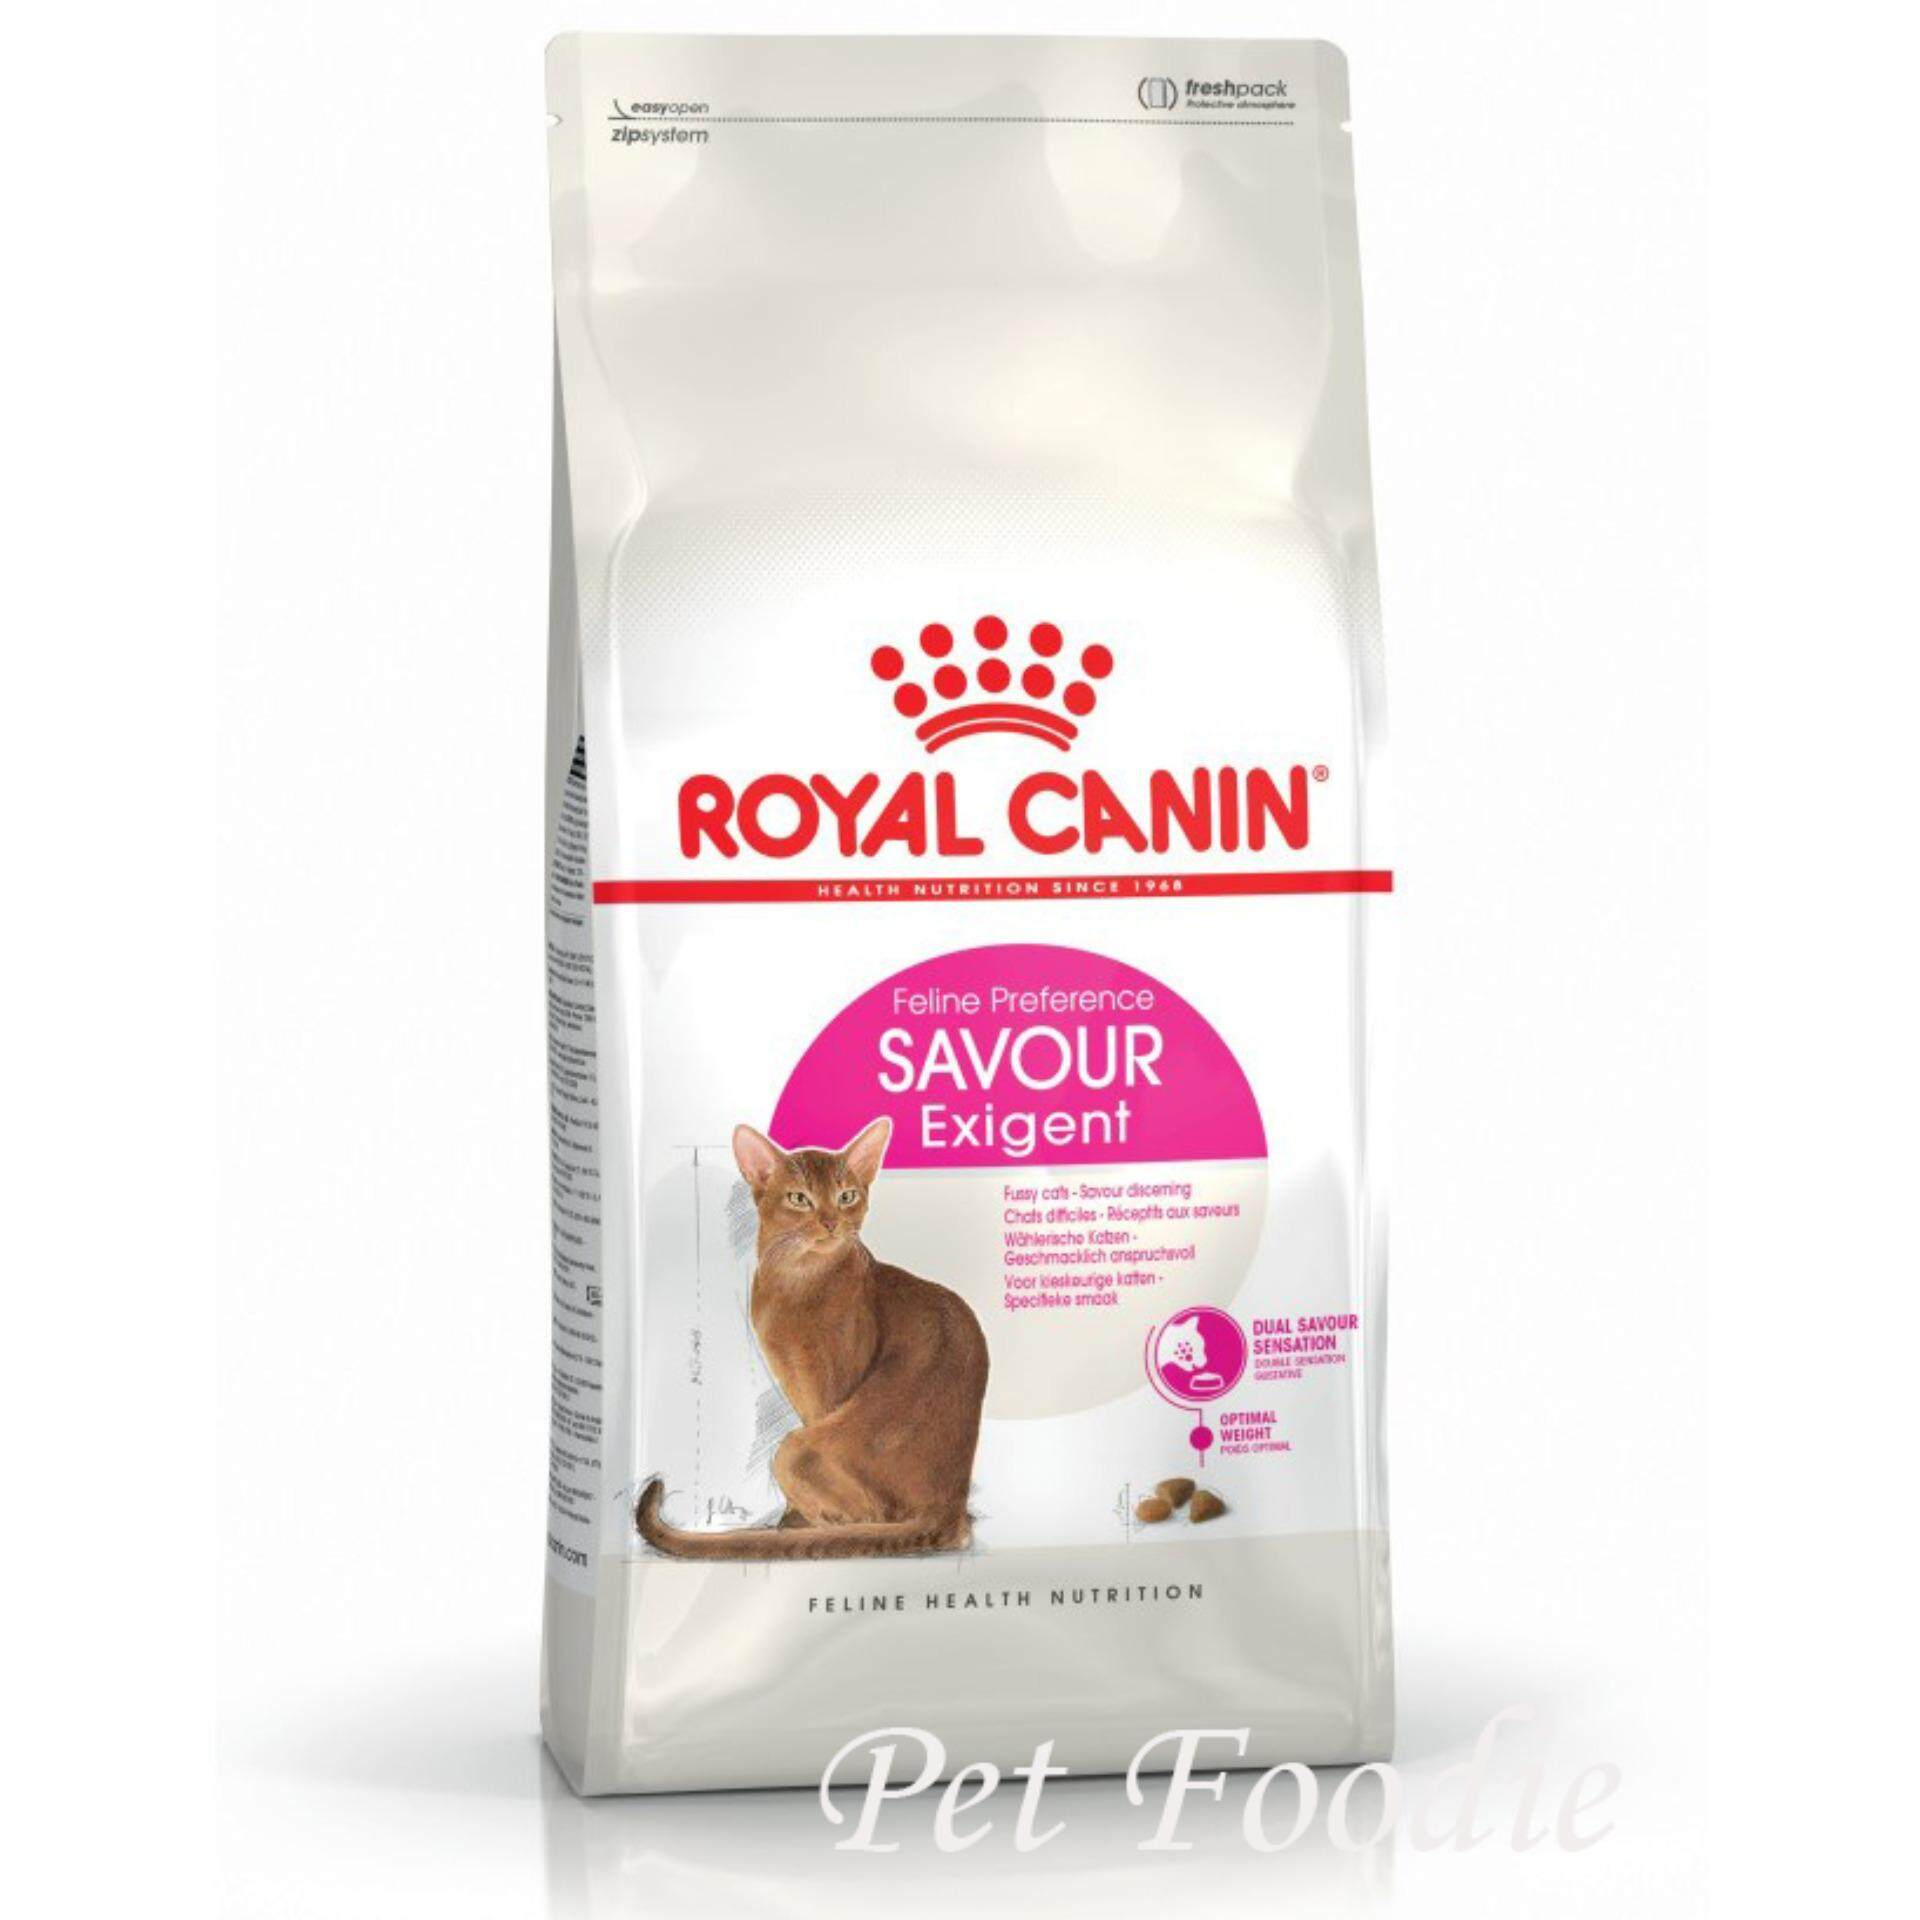 ส่วนลด Royal Canin Savour Exigent Cat Food 2Kg โรยัล คานิน อาหารแมวโต เลือกกินอาหารจากรูปร่างเม็ดอาหารและการเคี้ยว อายุ 1 ปีขึ้นไป ขนาด 2 กิโลกรัม กรุงเทพมหานคร